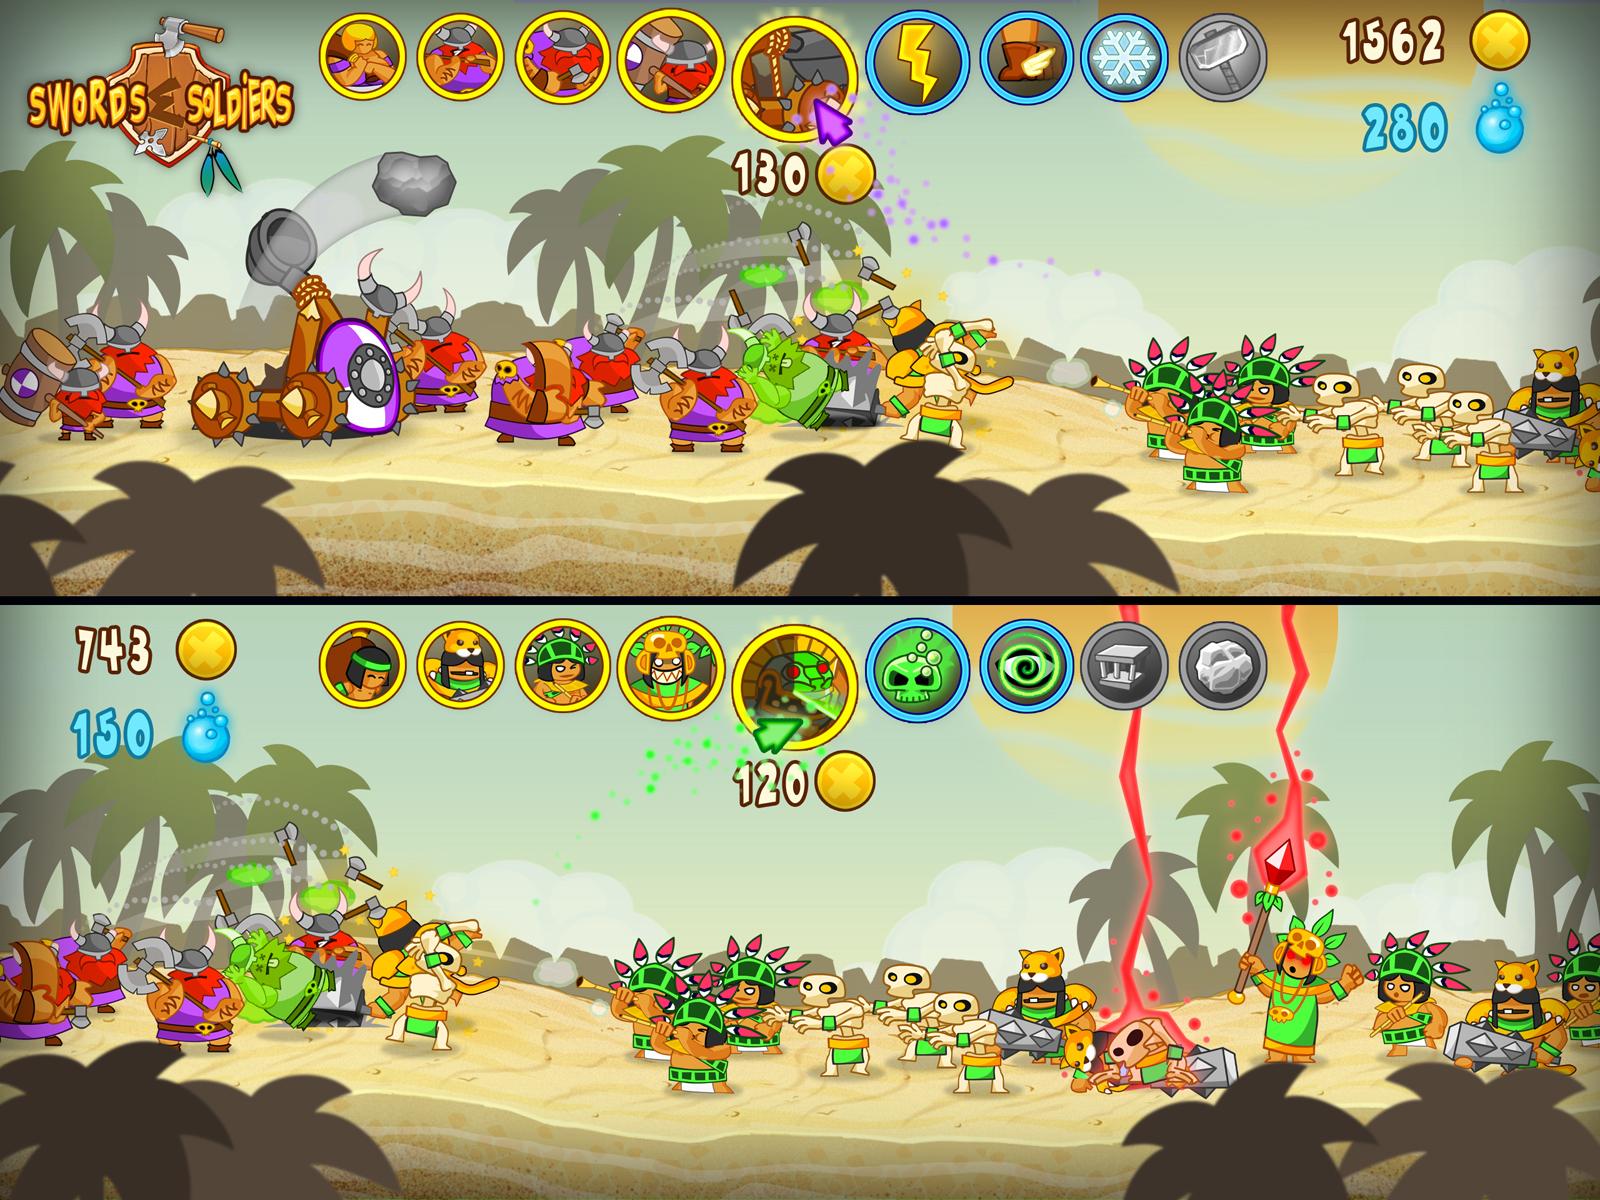 http://www.ronimo-games.com/portfolio/sns/screenshot3_1600x1200.jpg